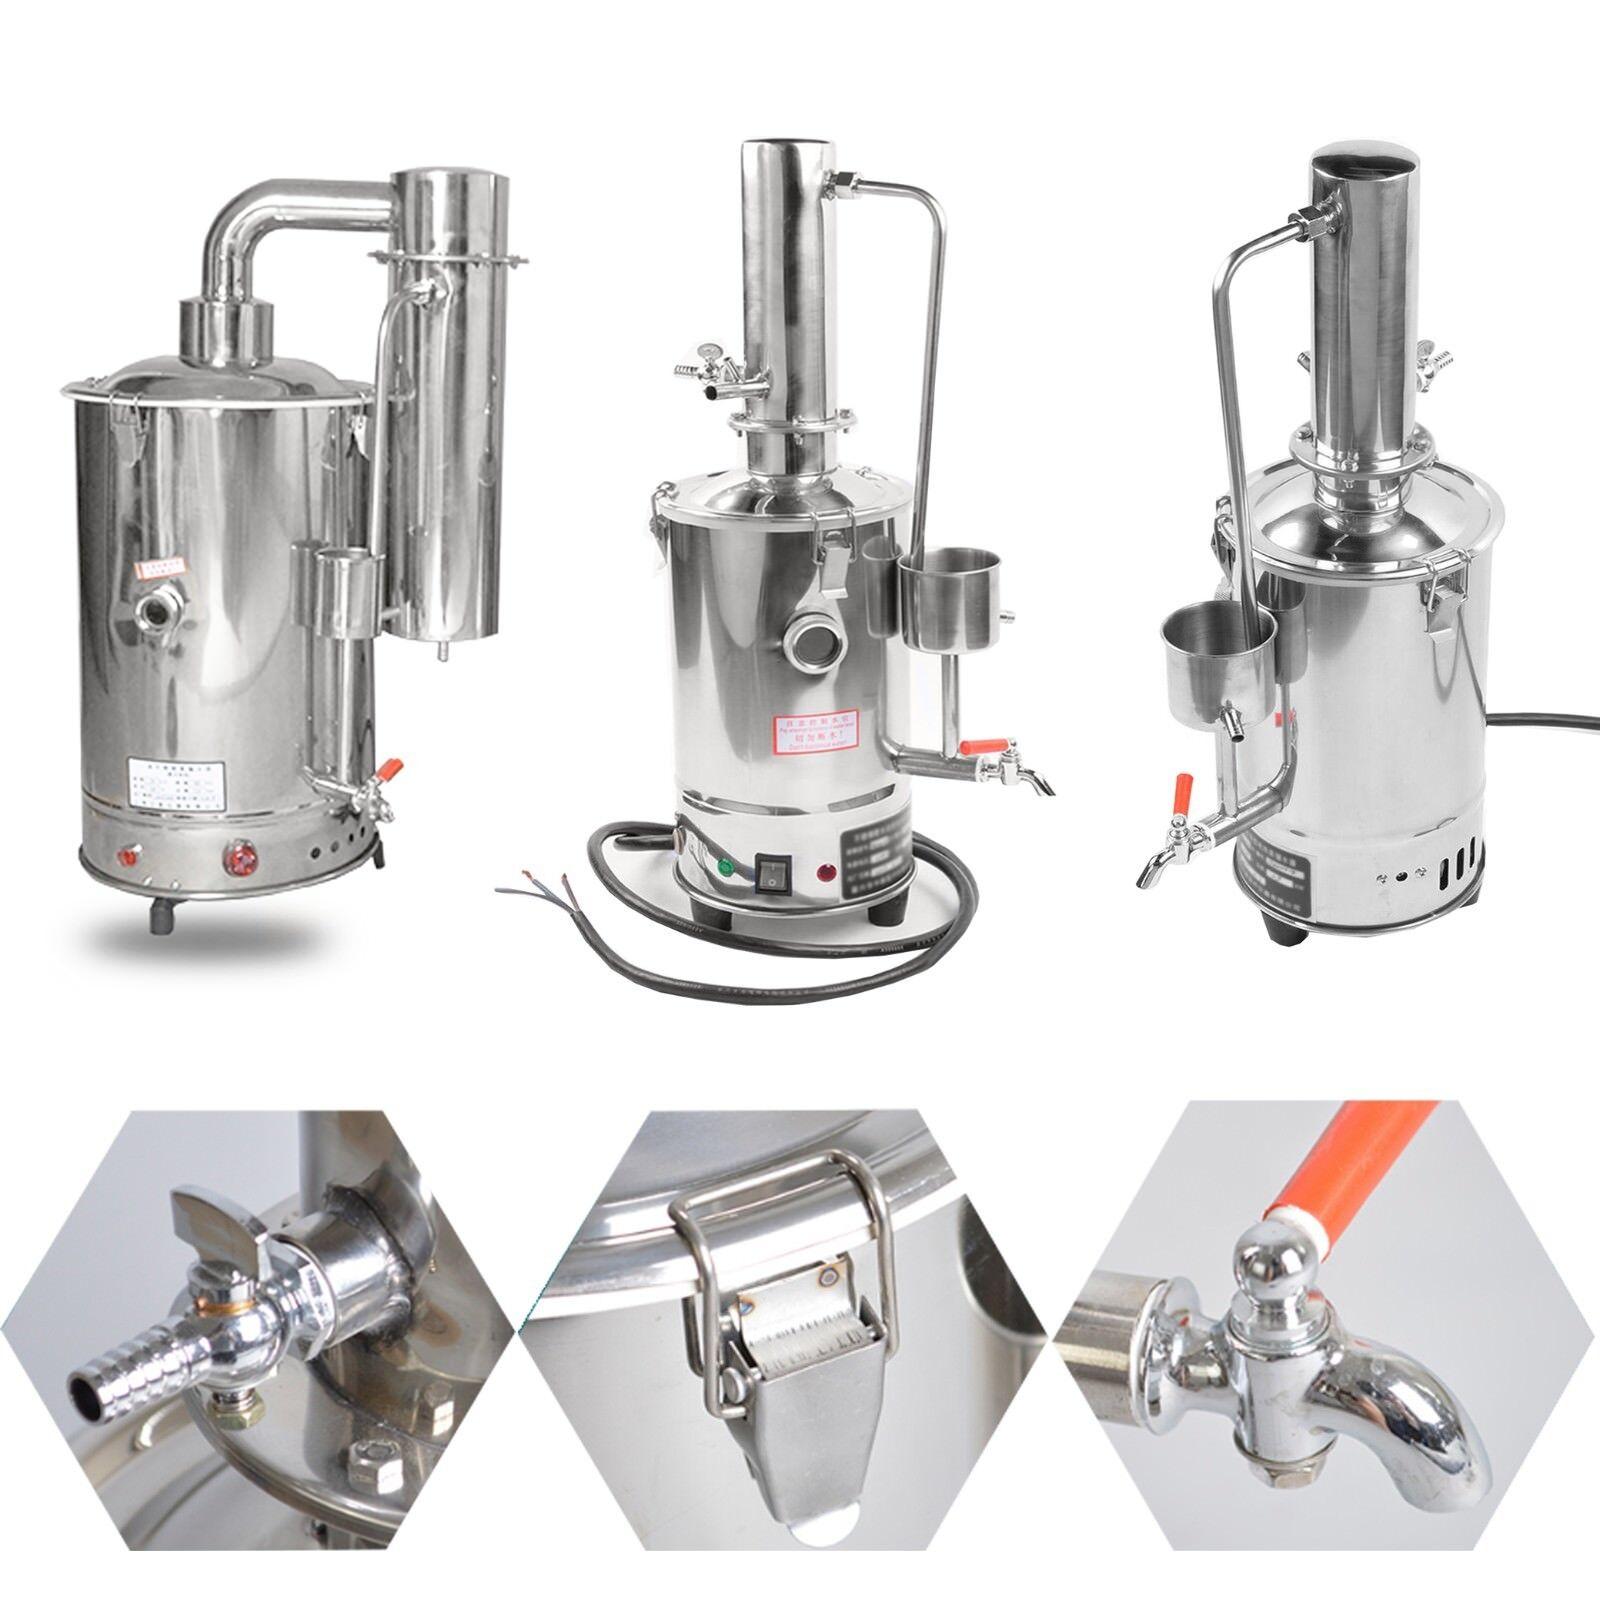 3L-20L Nouveau Laboratoire de l'eau pure électrique inoxydable Distiller moonshine still Filtre